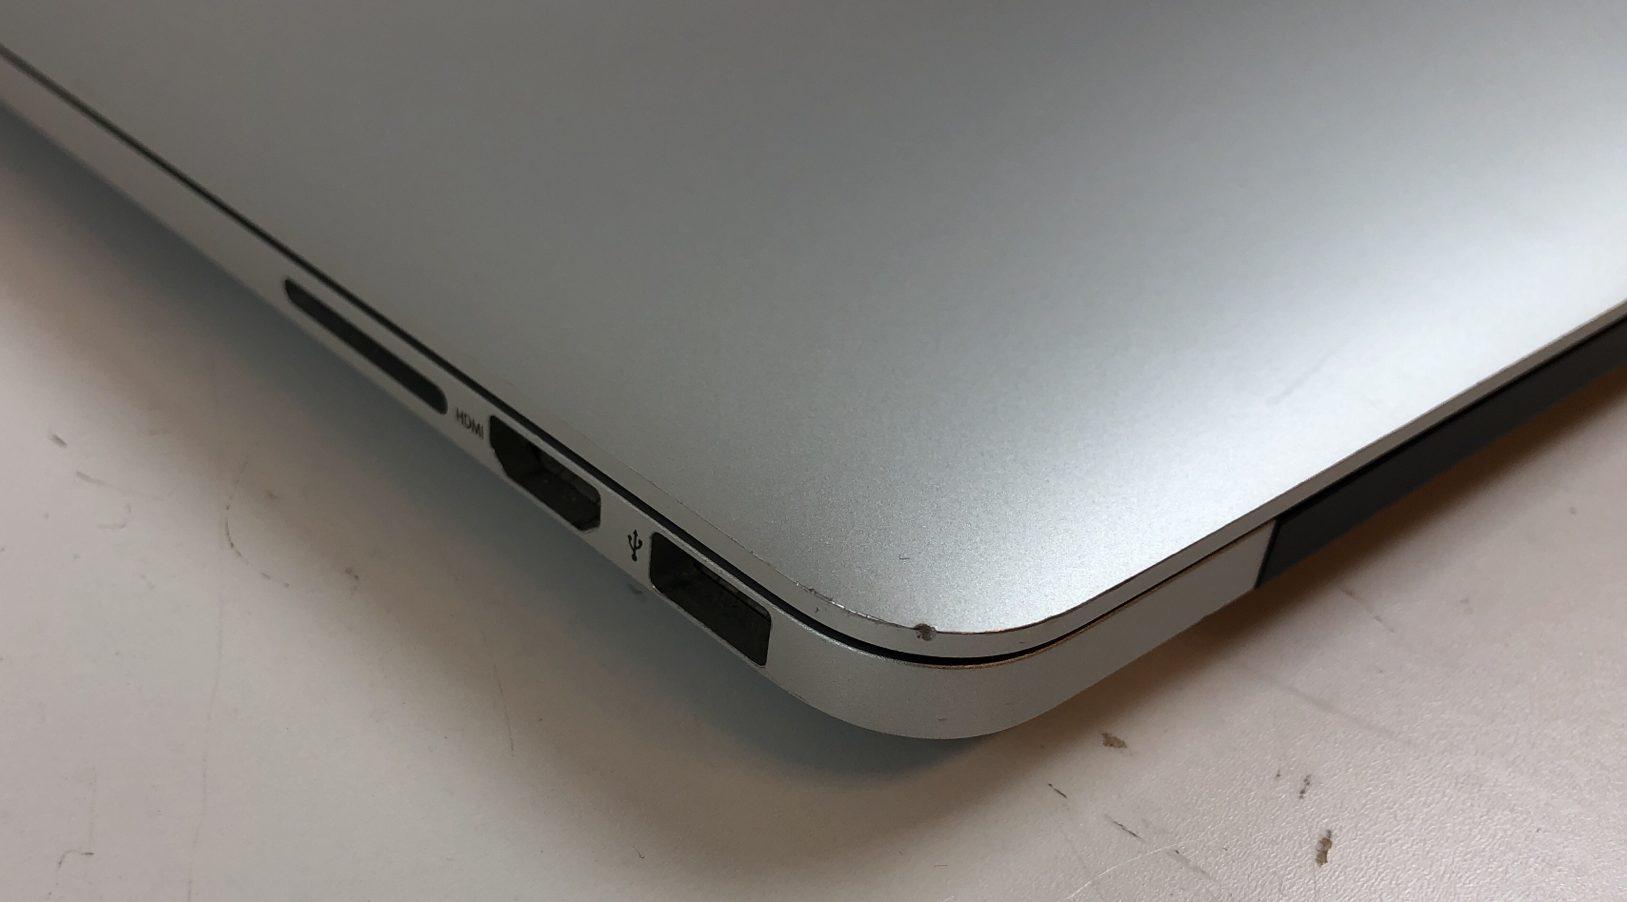 """MacBook Pro Retina 15"""" Mid 2014 (Intel Quad-Core i7 2.2 GHz 16 GB RAM 256 GB SSD), Intel Quad-Core i7 2.2 GHz, 16 GB RAM, 256 GB SSD, Afbeelding 6"""